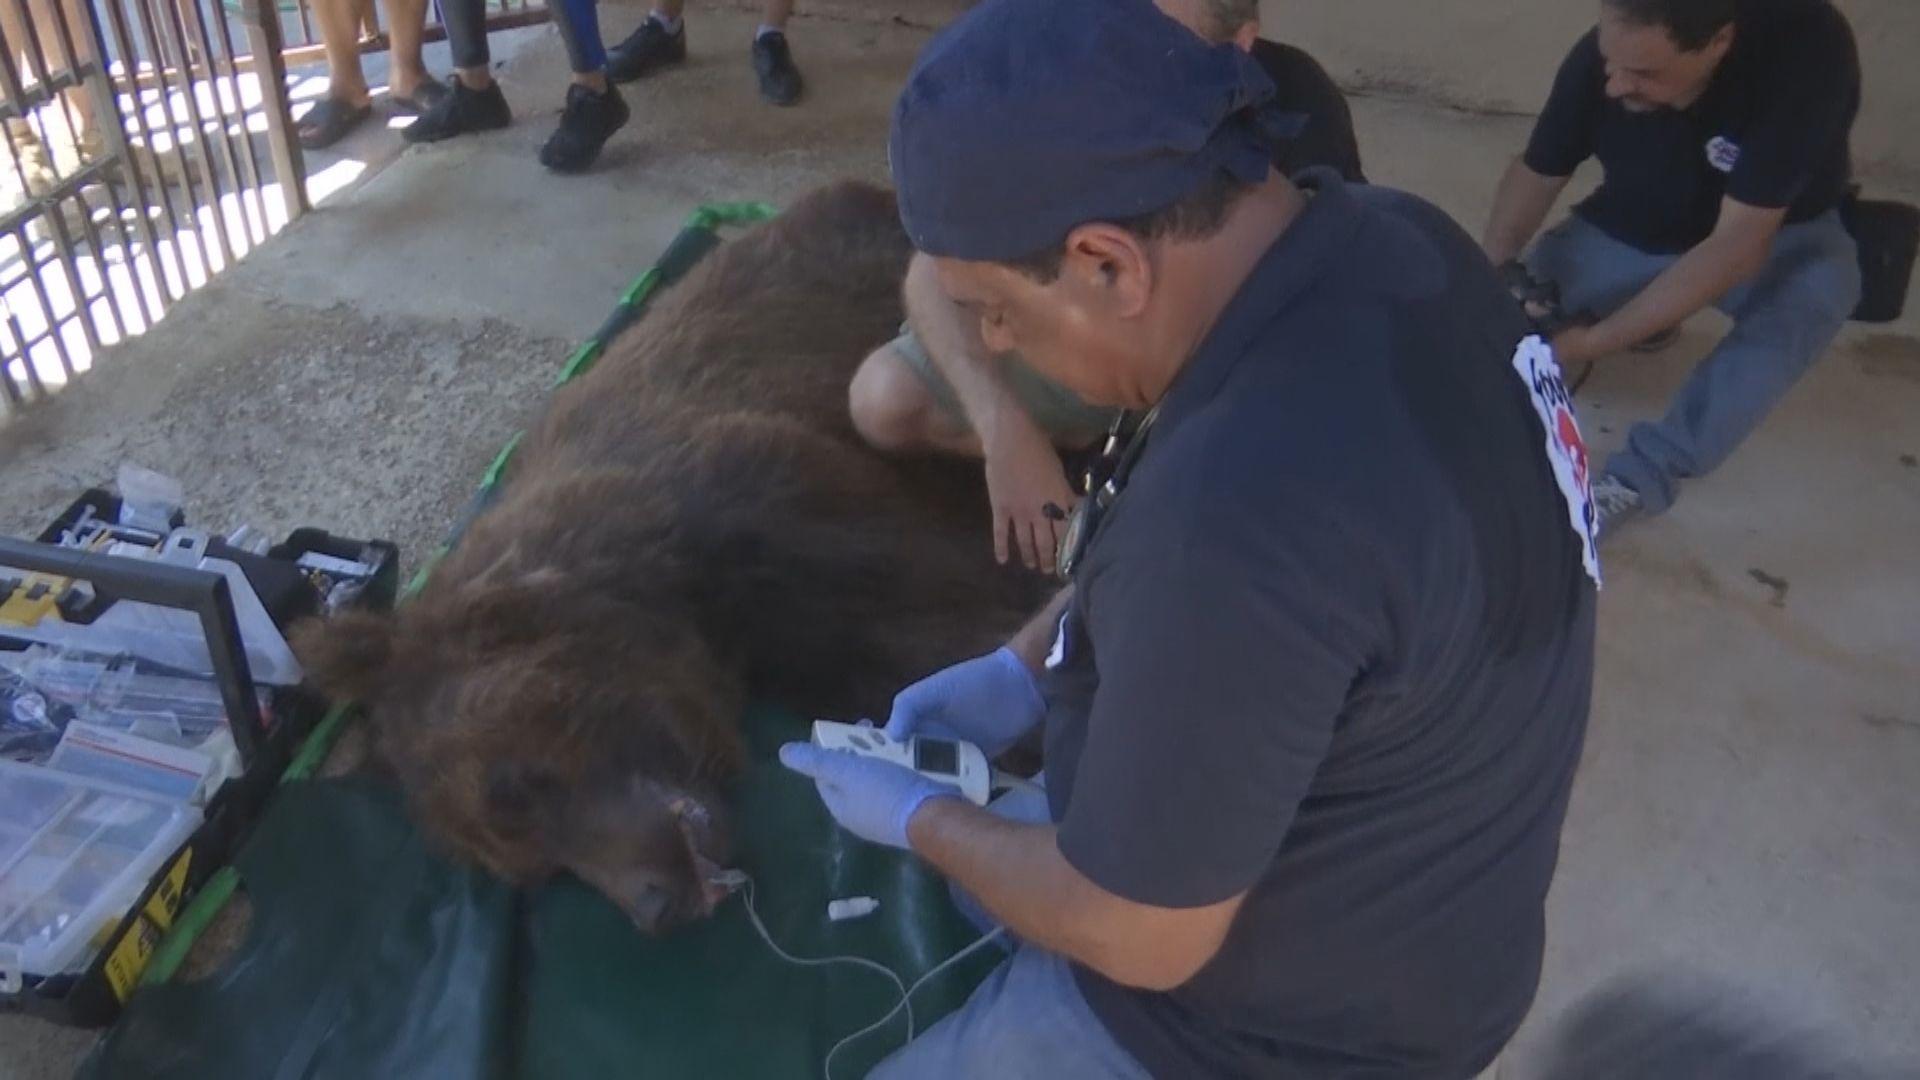 【環球薈報】黎巴嫰動保組織將兩棕熊送美國放歸大自然